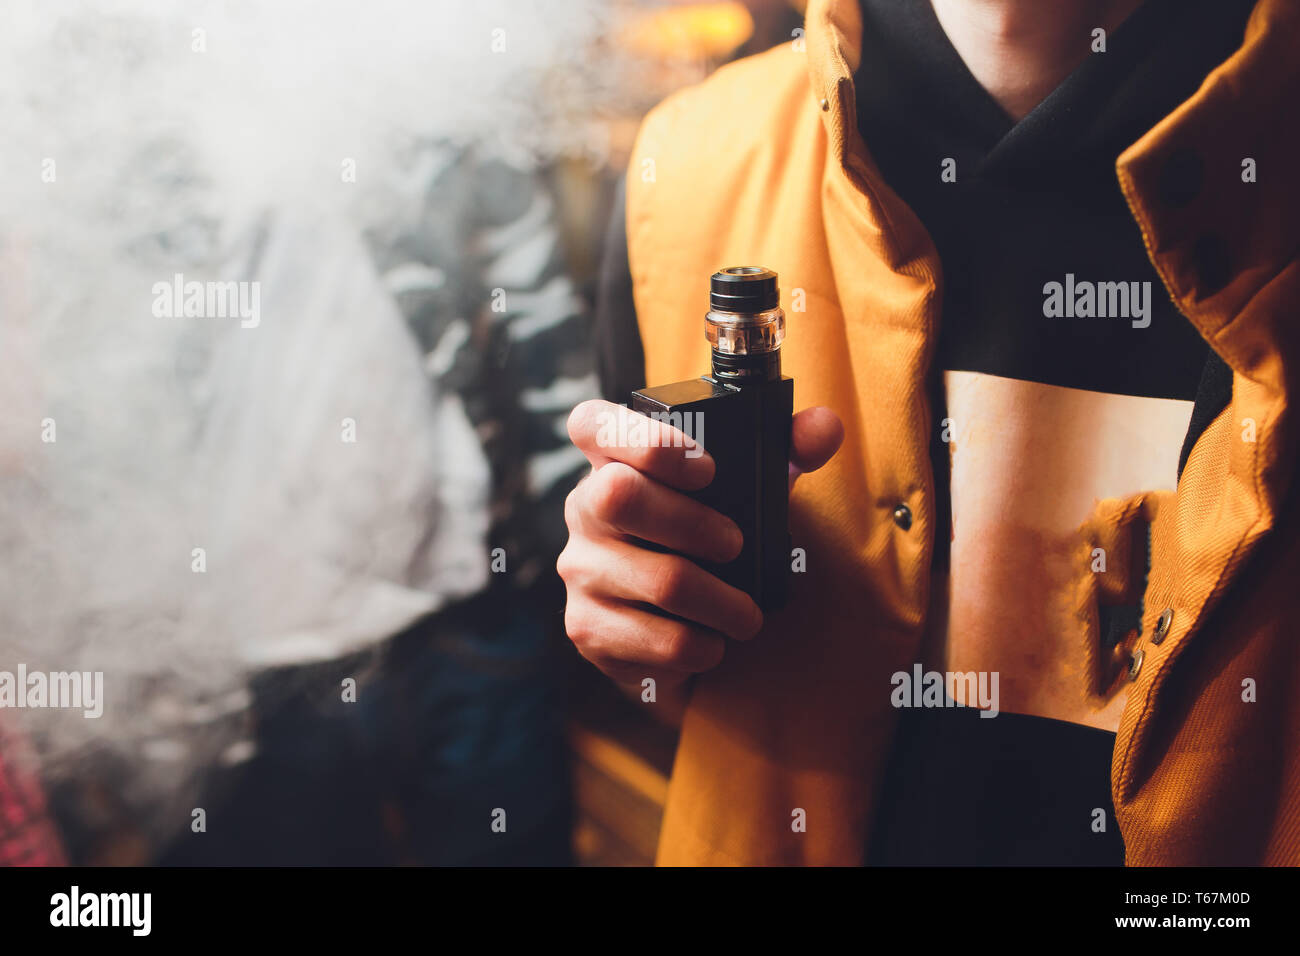 Man is smoking electronic cigarette or vaporizer. - Stock Image